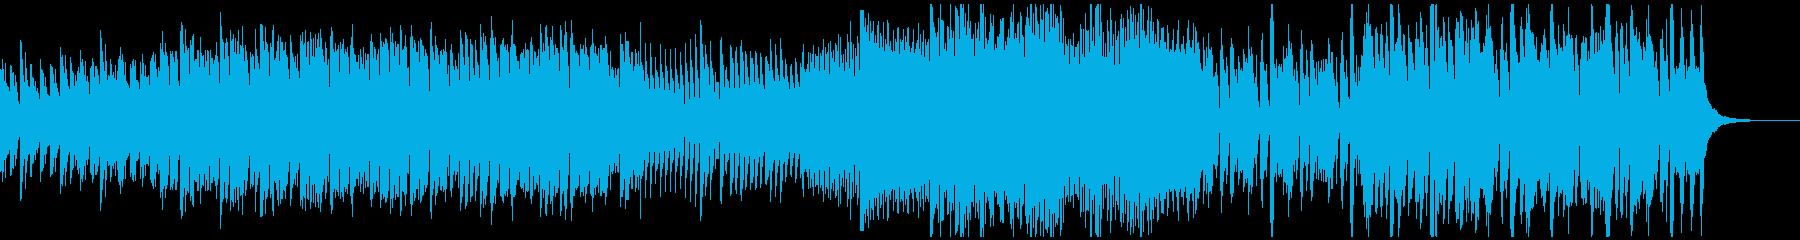 わくわく・高揚するアコースティック曲Bの再生済みの波形